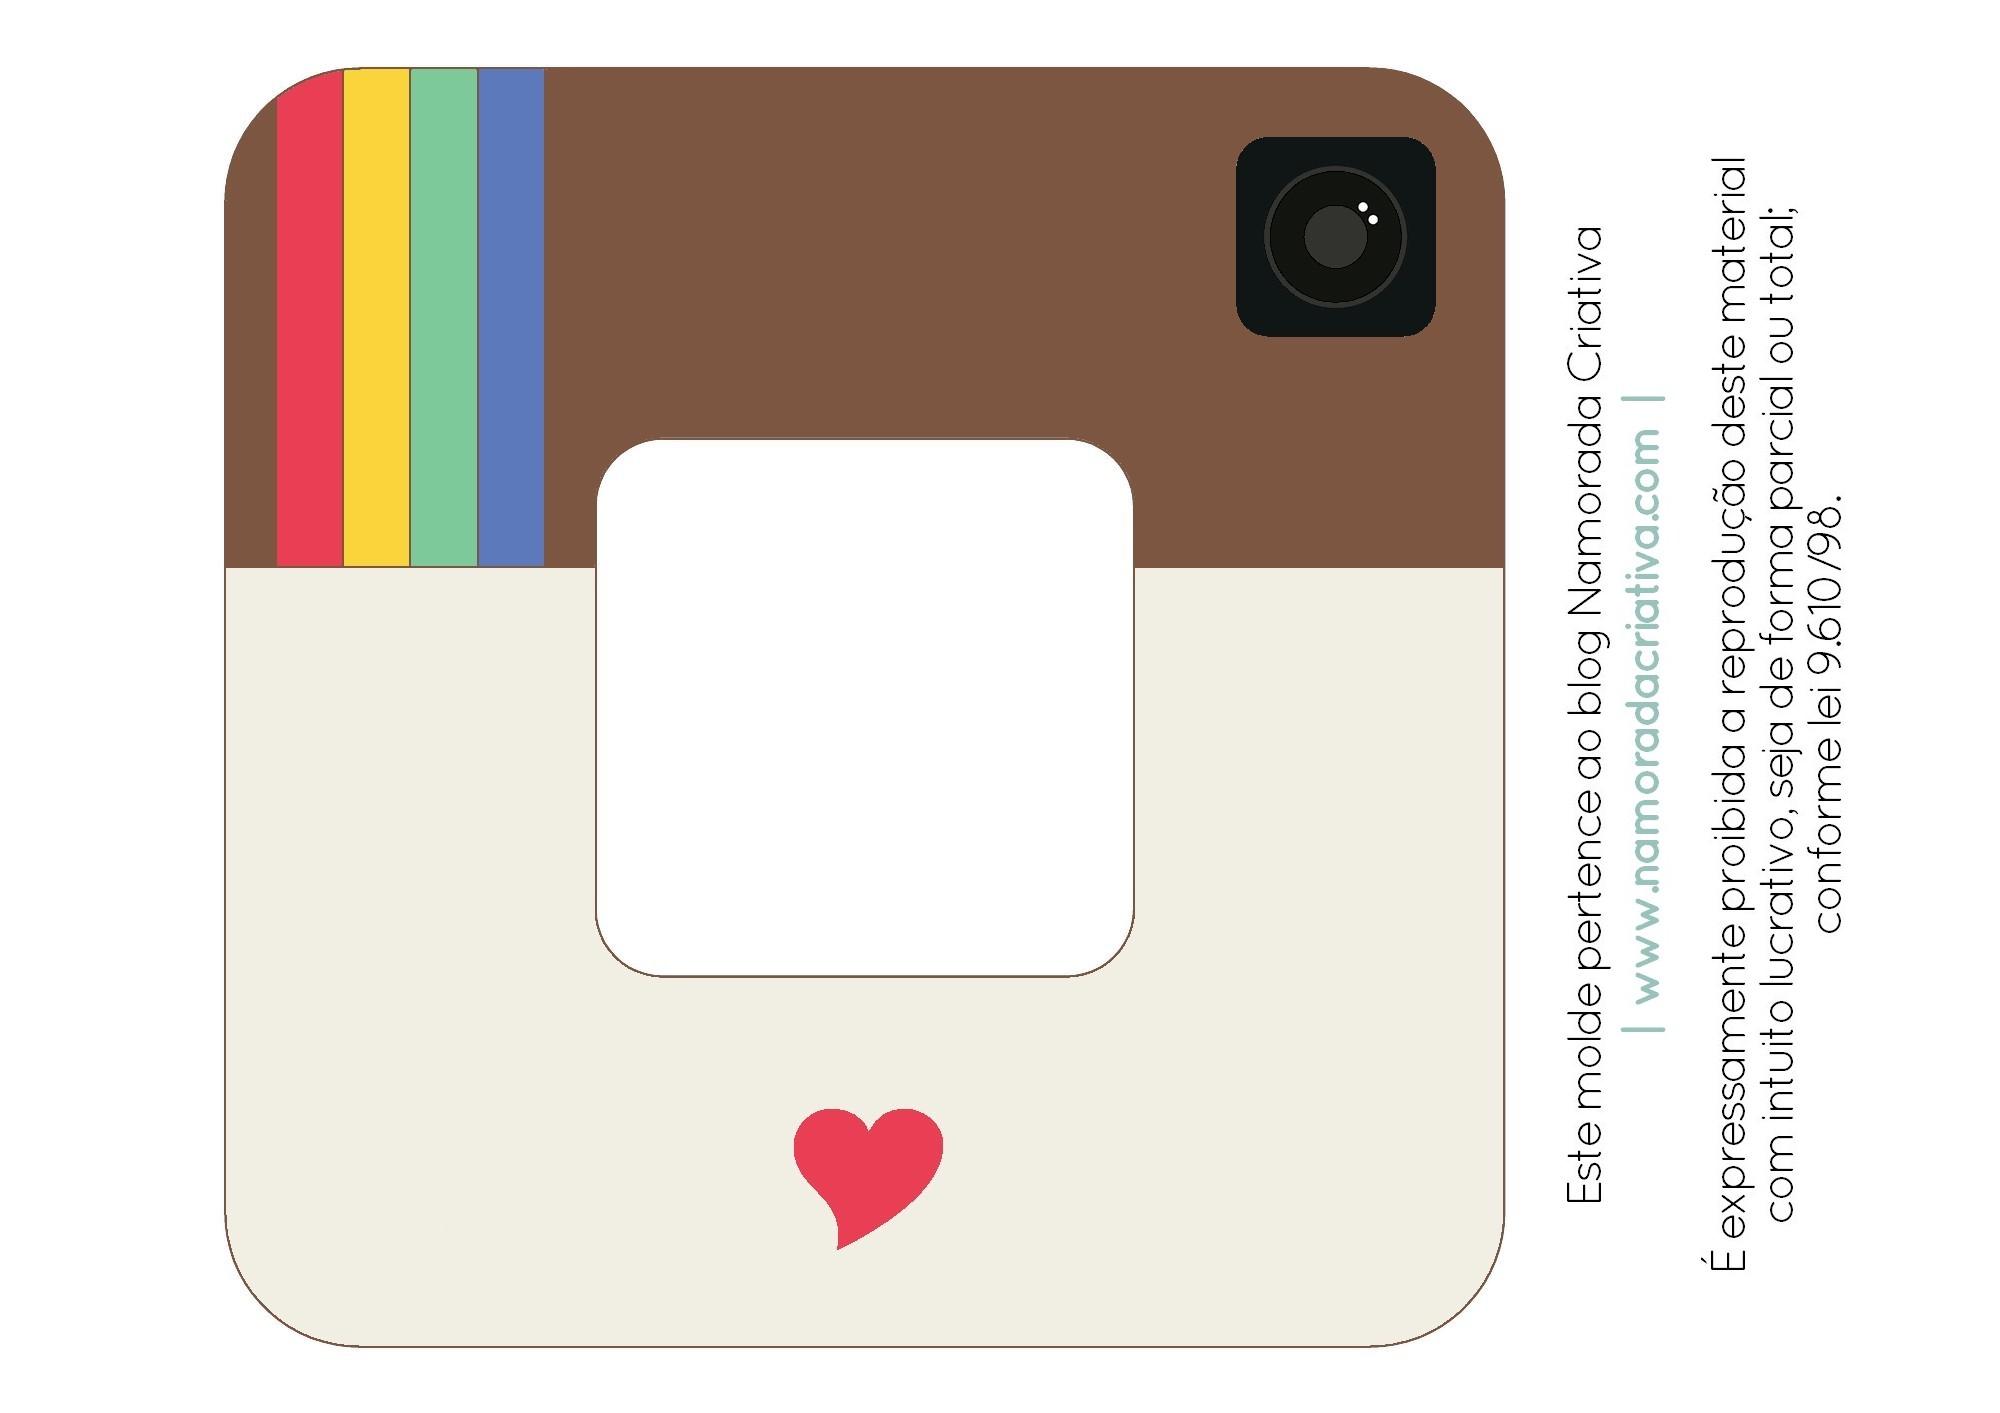 DIY-Porta-retrato-Instagram-Namorada-Criativa-Sem-texto-com-Coração